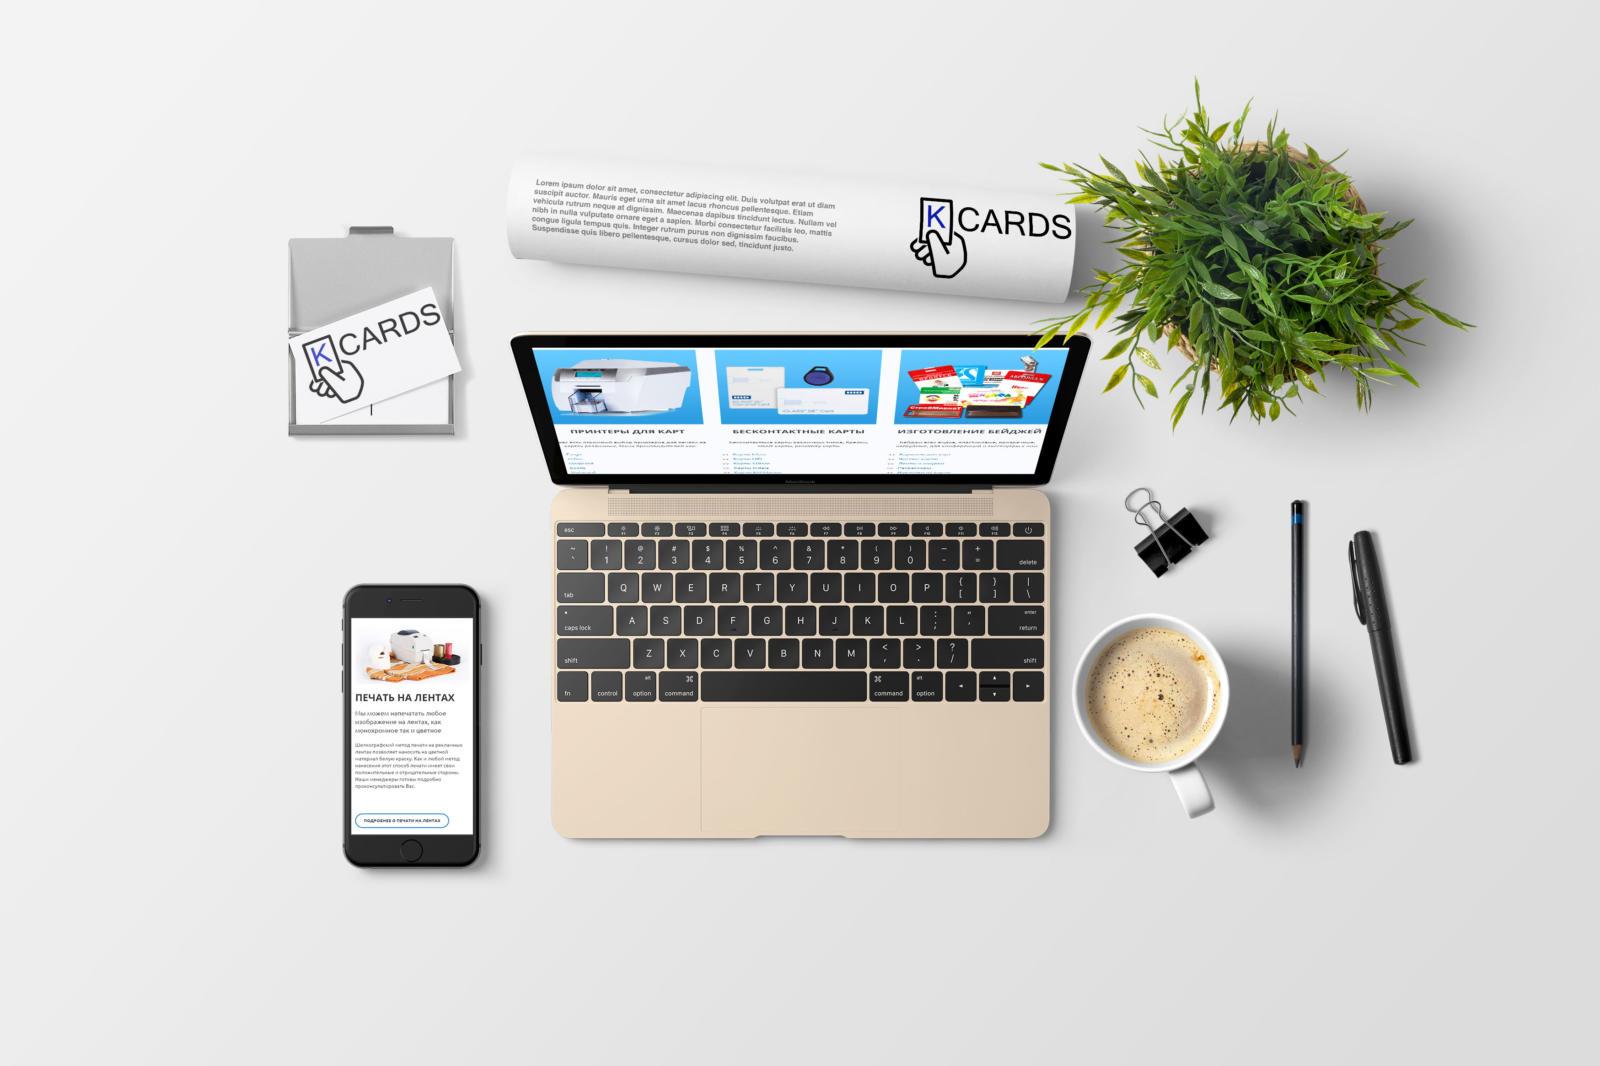 Выбор хостинга и создание сайта - основа развития проекта в Сети